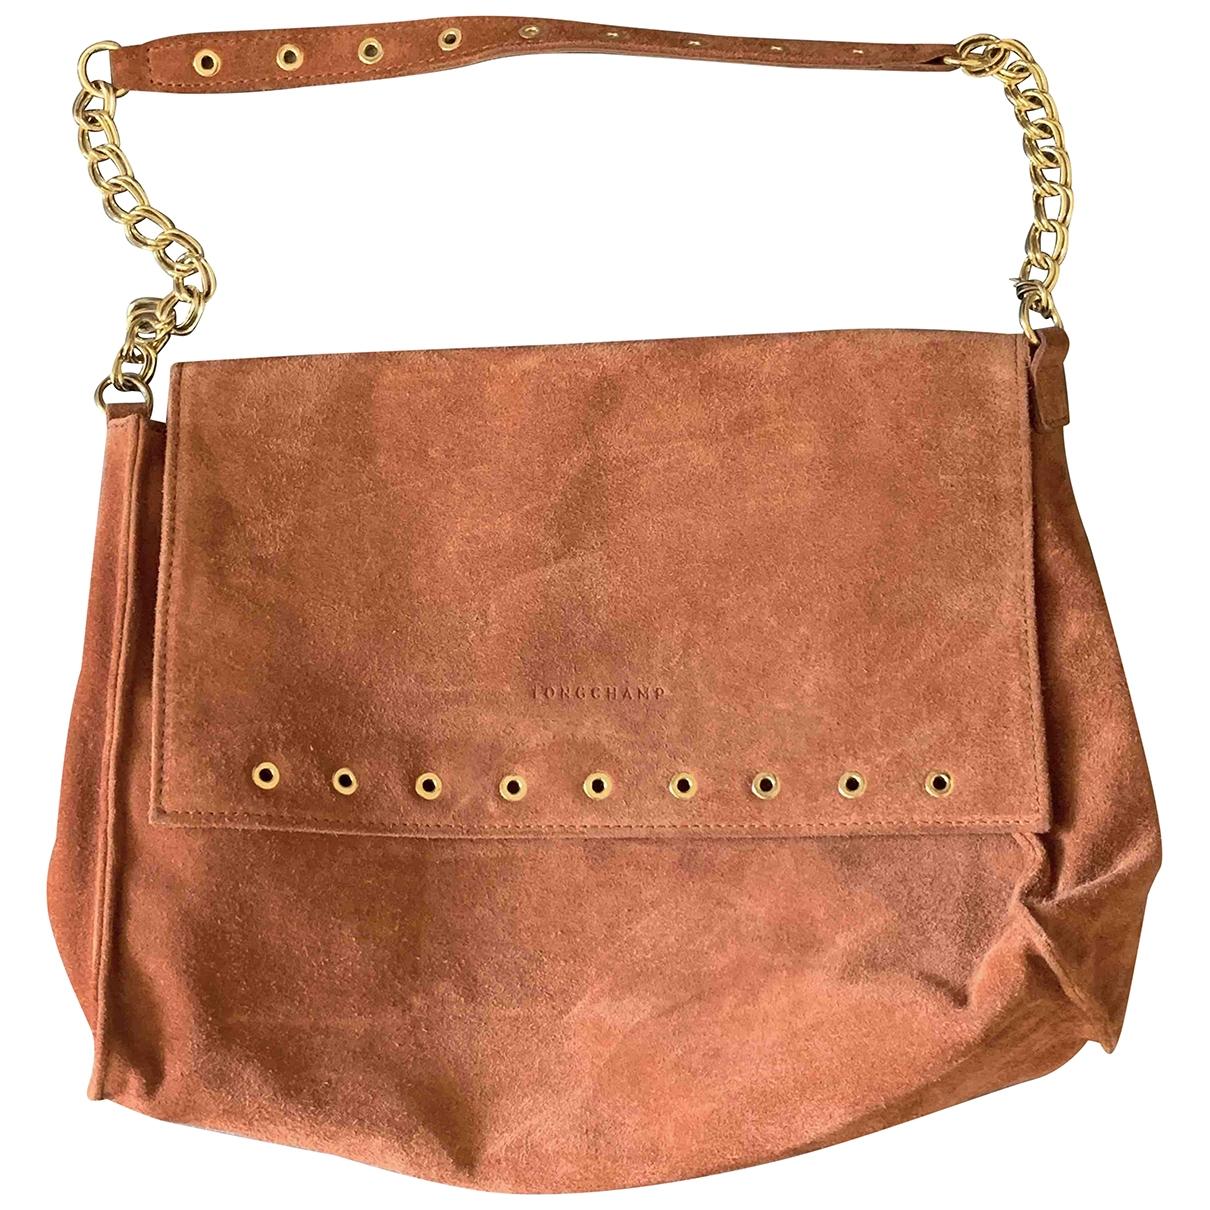 Longchamp - Sac a main   pour femme en cuir - rouge